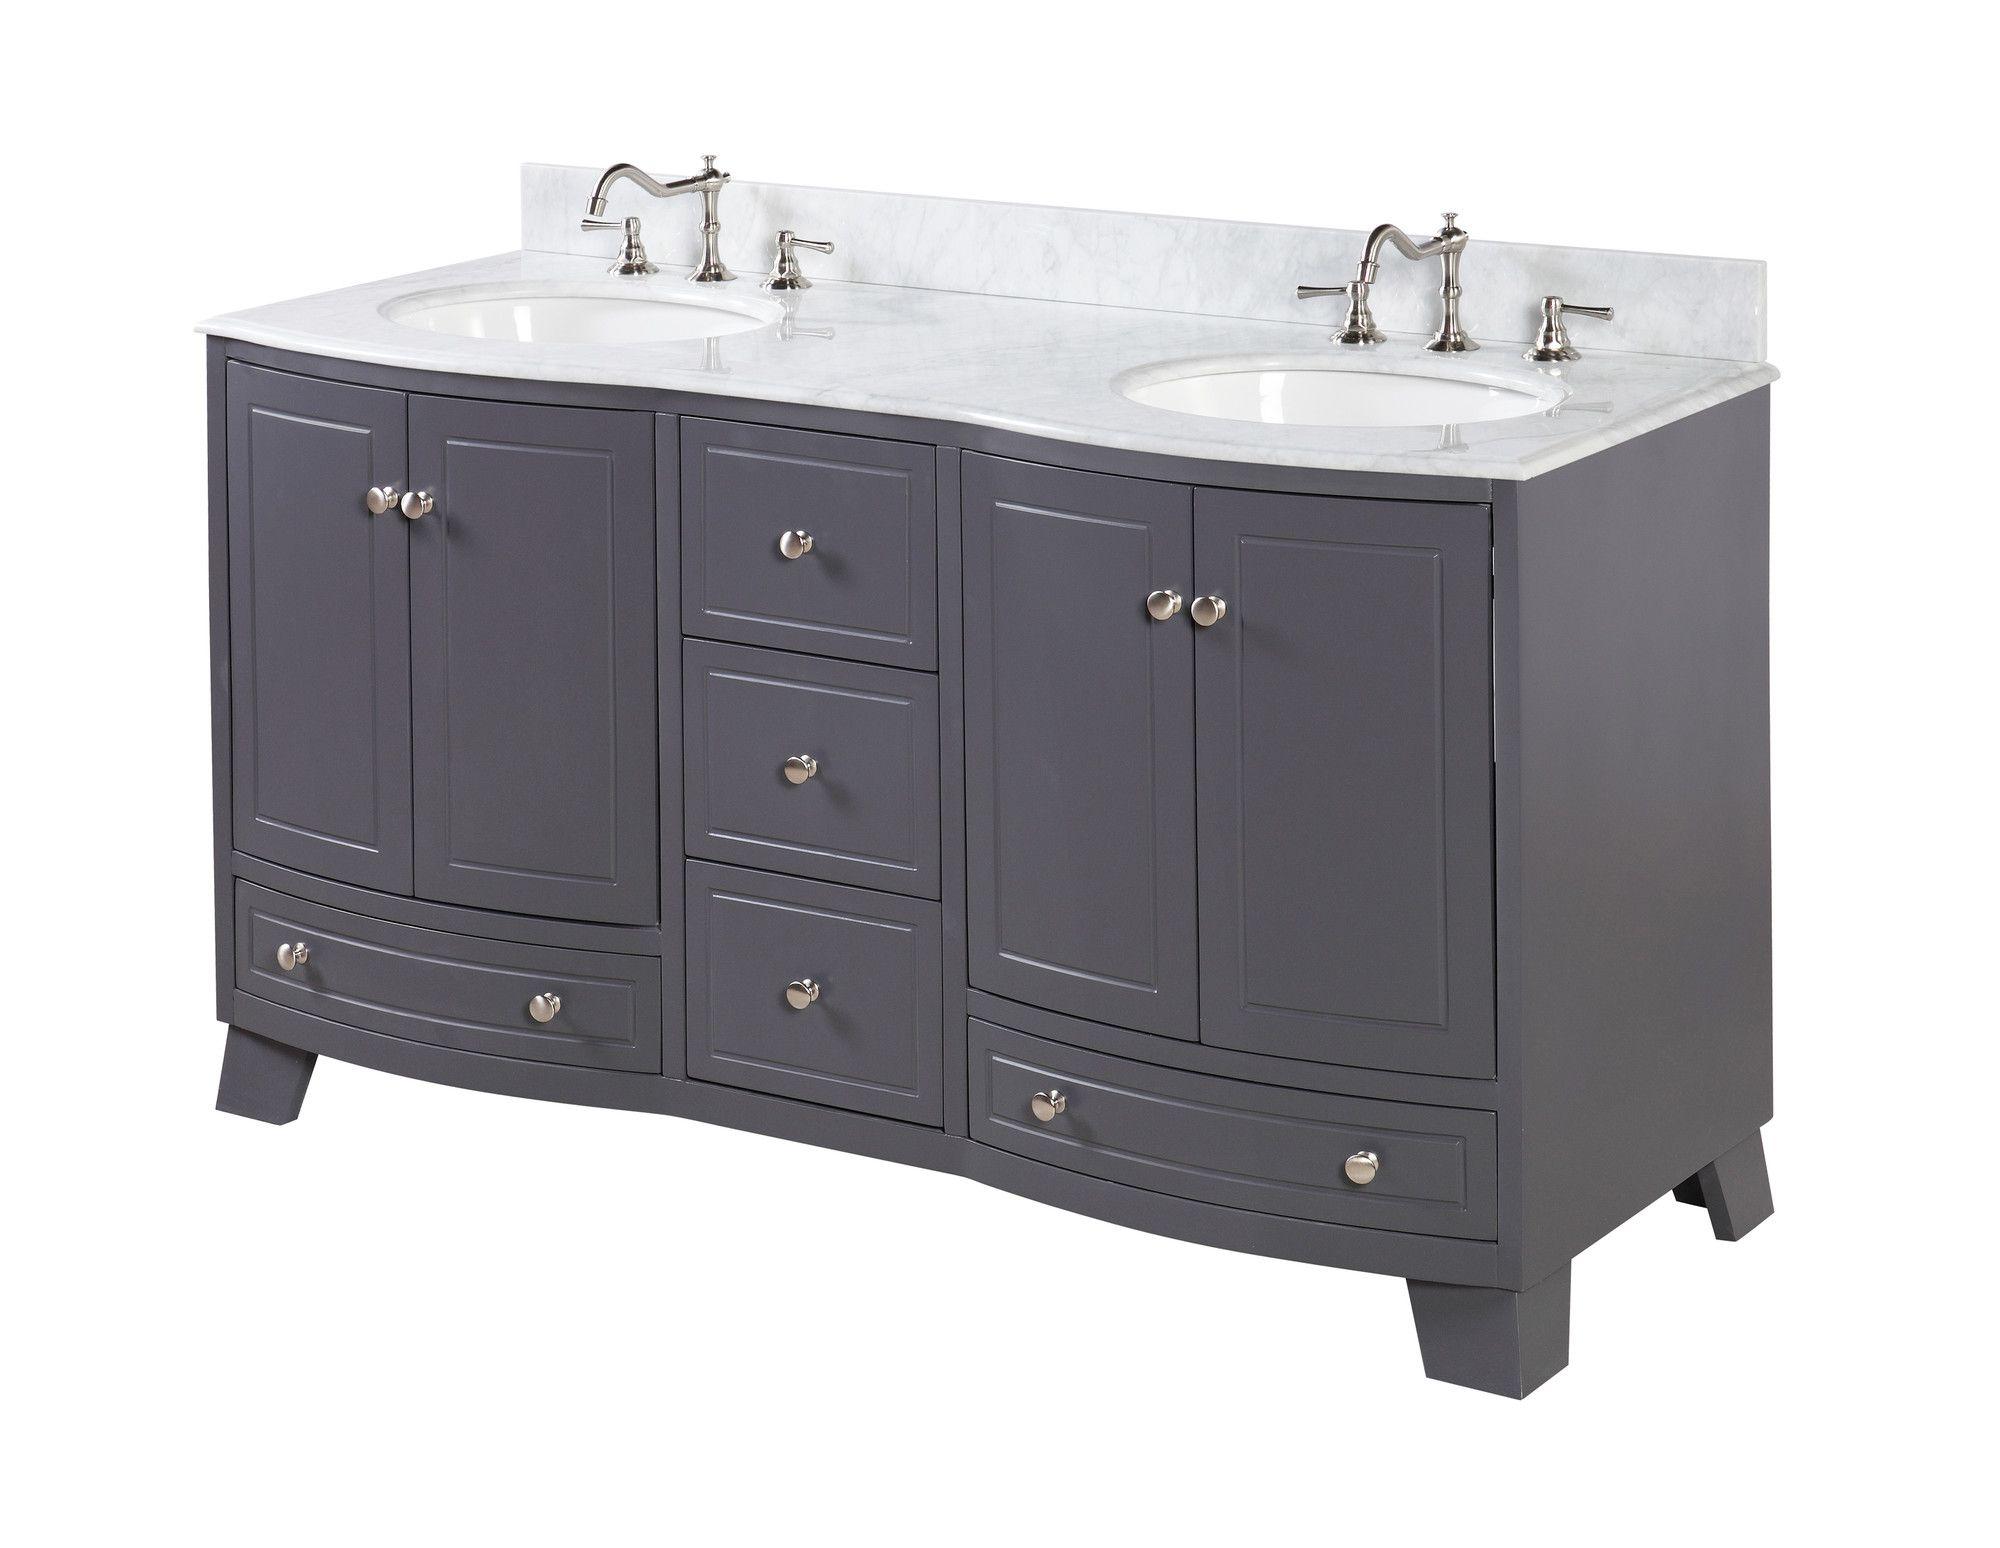 Palazzo 60 Double Bathroom Vanity Set Double Vanity Bathroom Vanity Bathroom Vanity